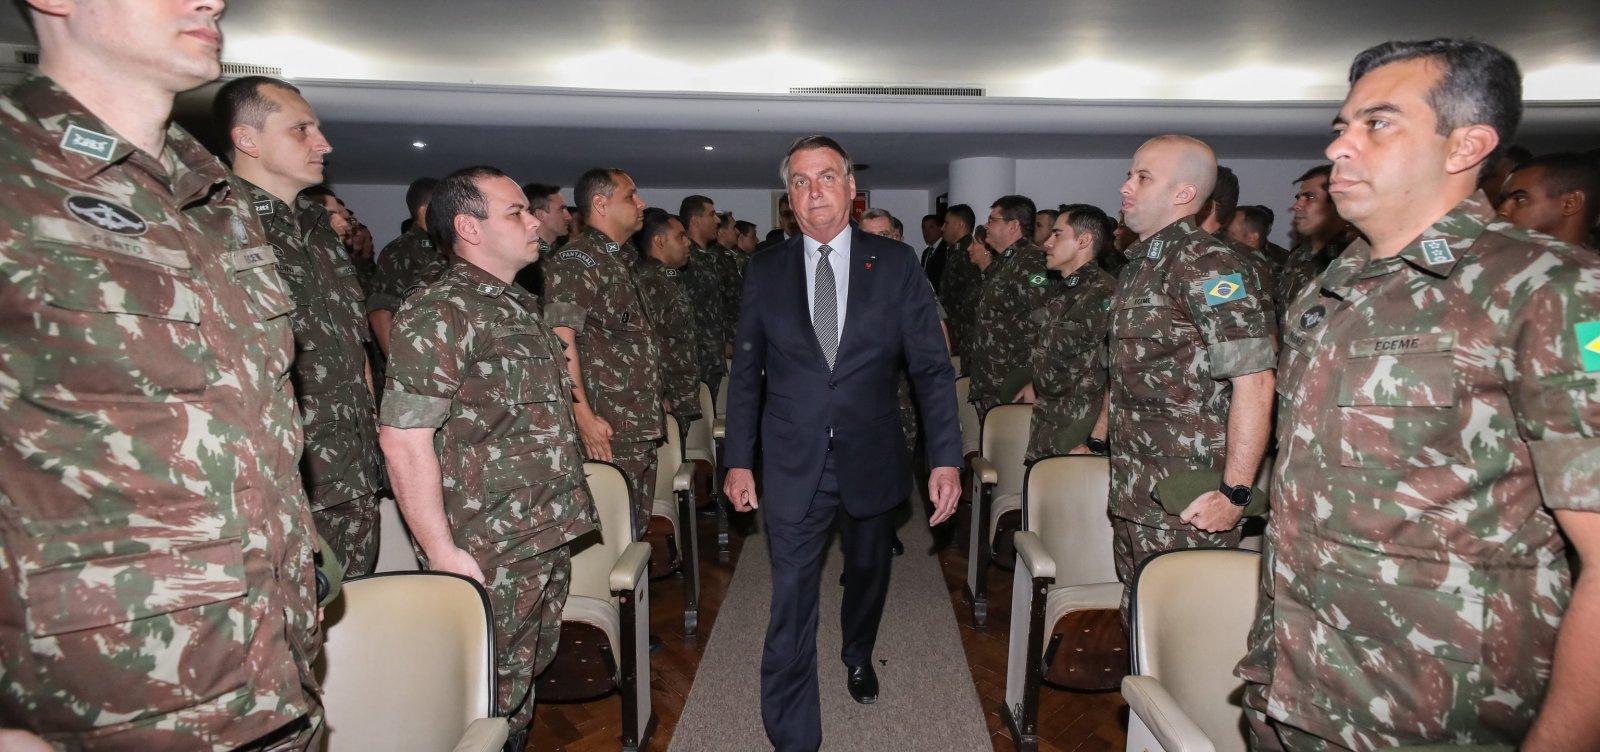 [Comandantes das Forças Armadas pedem demissão em protesto contra Bolsonaro]